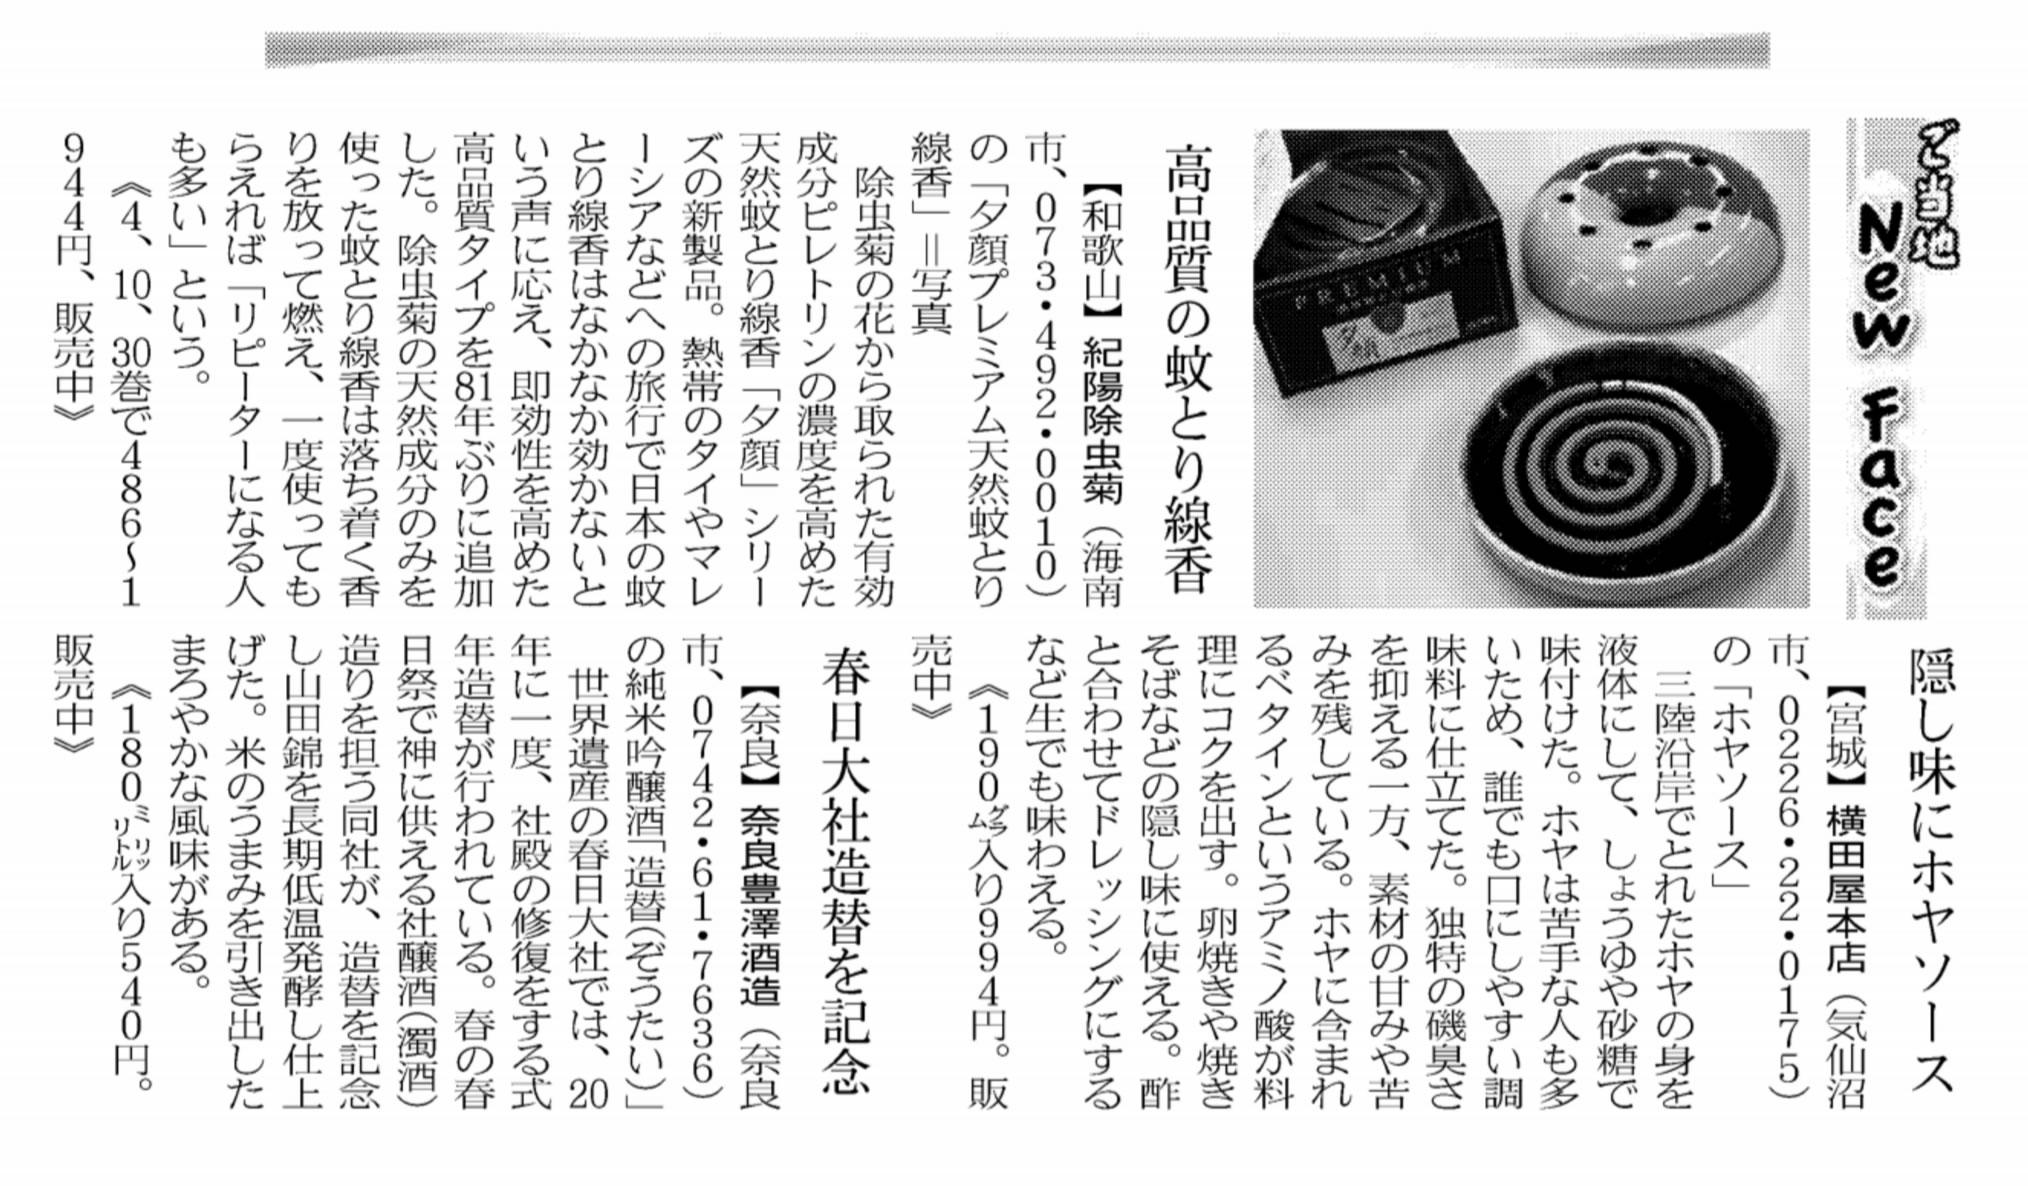 「隠し味にホヤソース」日本経済新聞2016.05.17